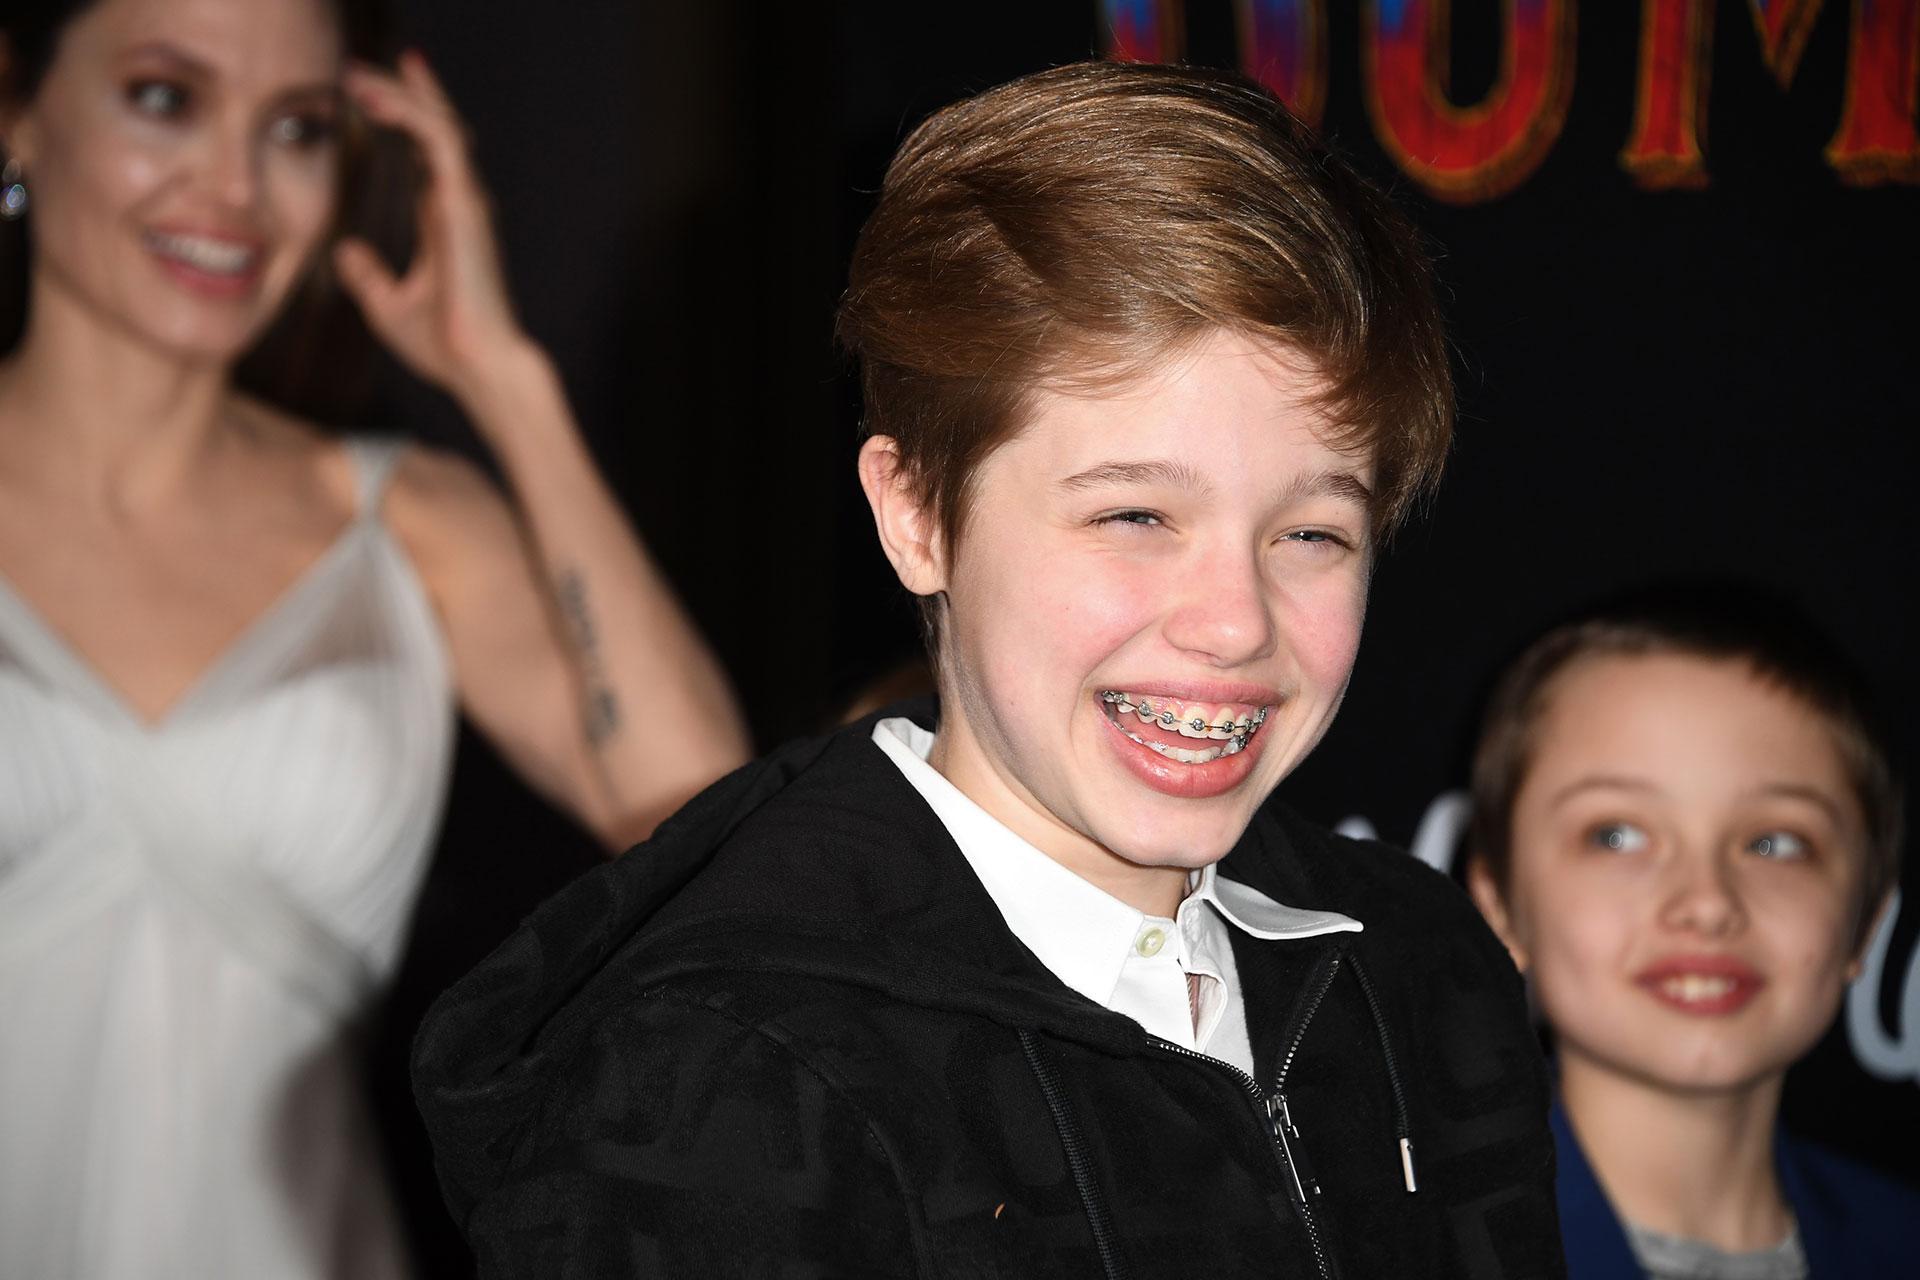 La hija de 12 años del matrimonio Pitt Jolie -Shiloh Nouvel Jolie-Pitt